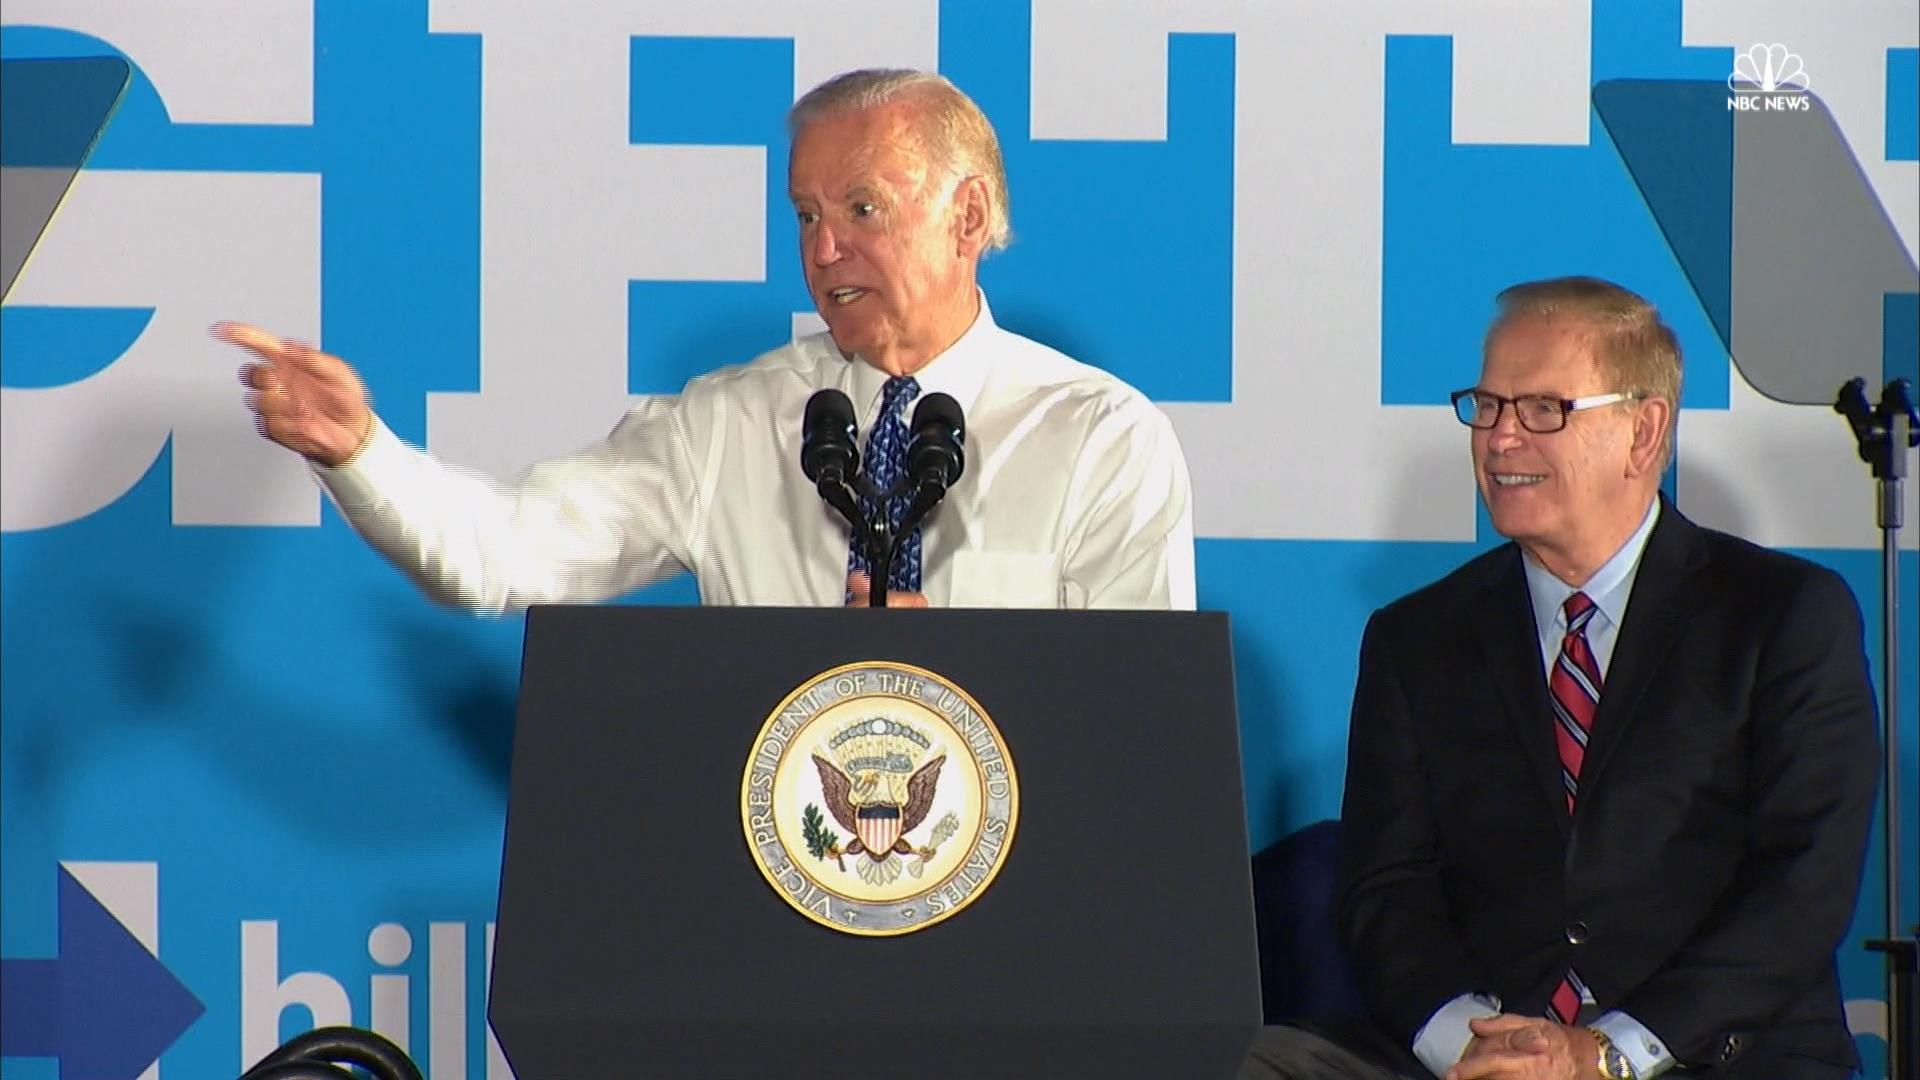 'Totally Irresponsible': Joe Biden Hammers Trump's Character in Ohio